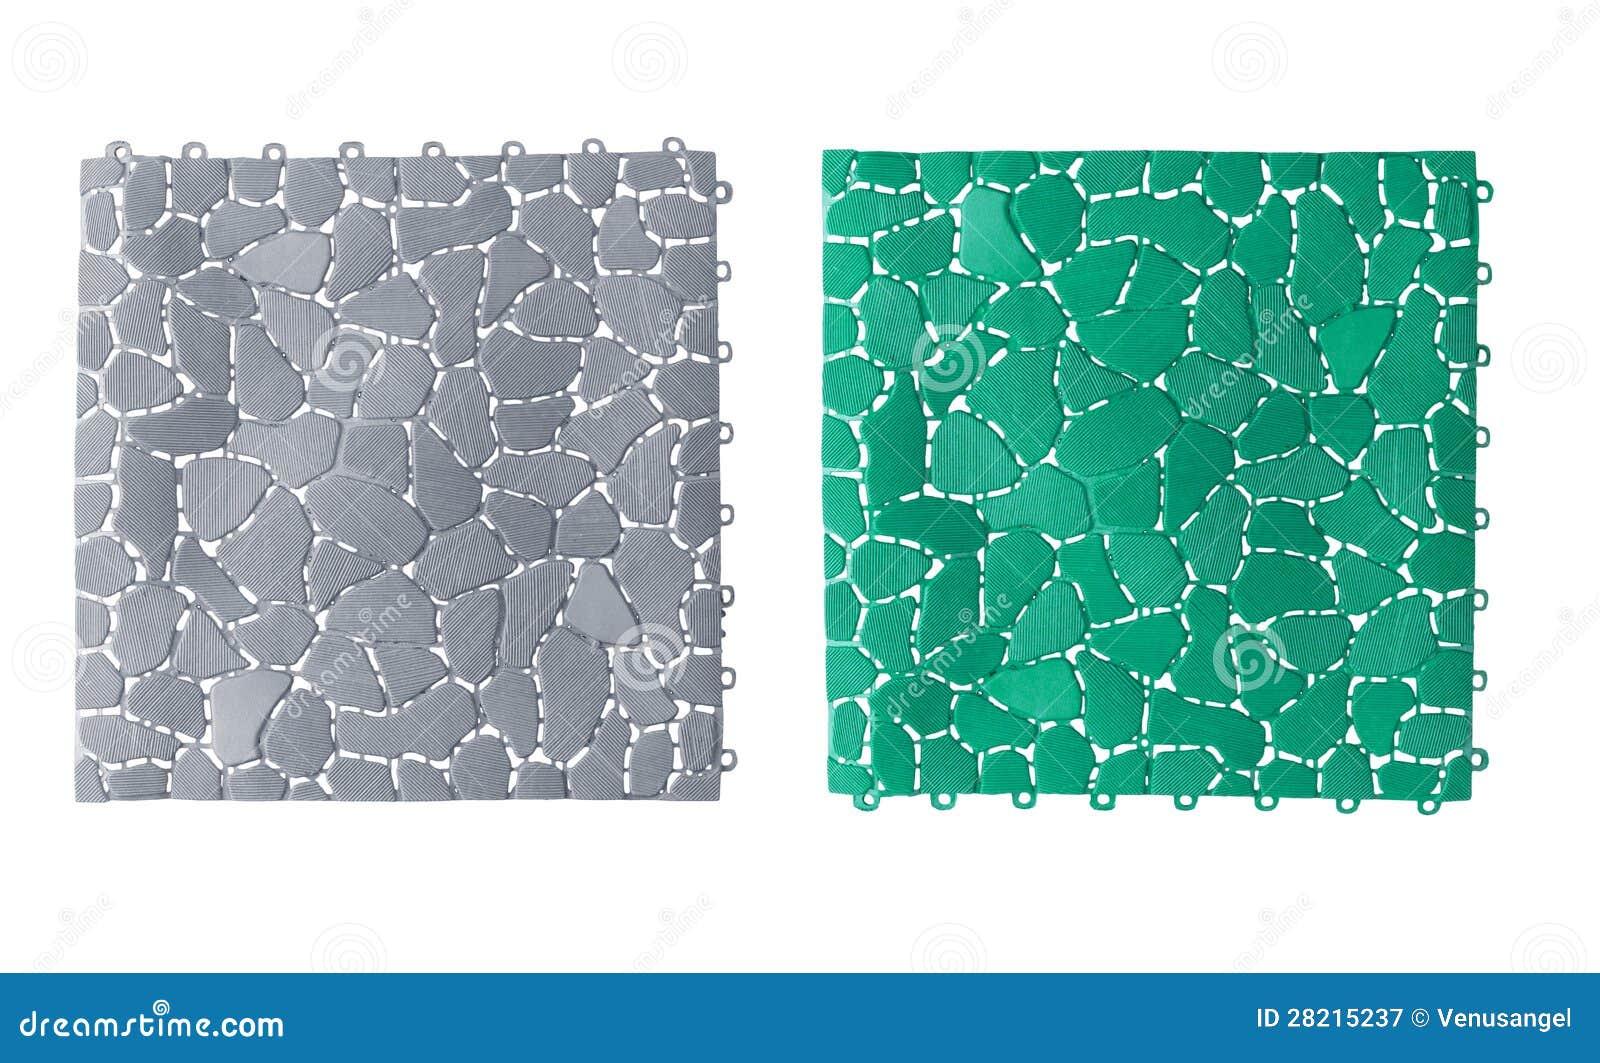 Anti Slip Tegels : Anti slip plastic tiles for bathroom or wet area stock image